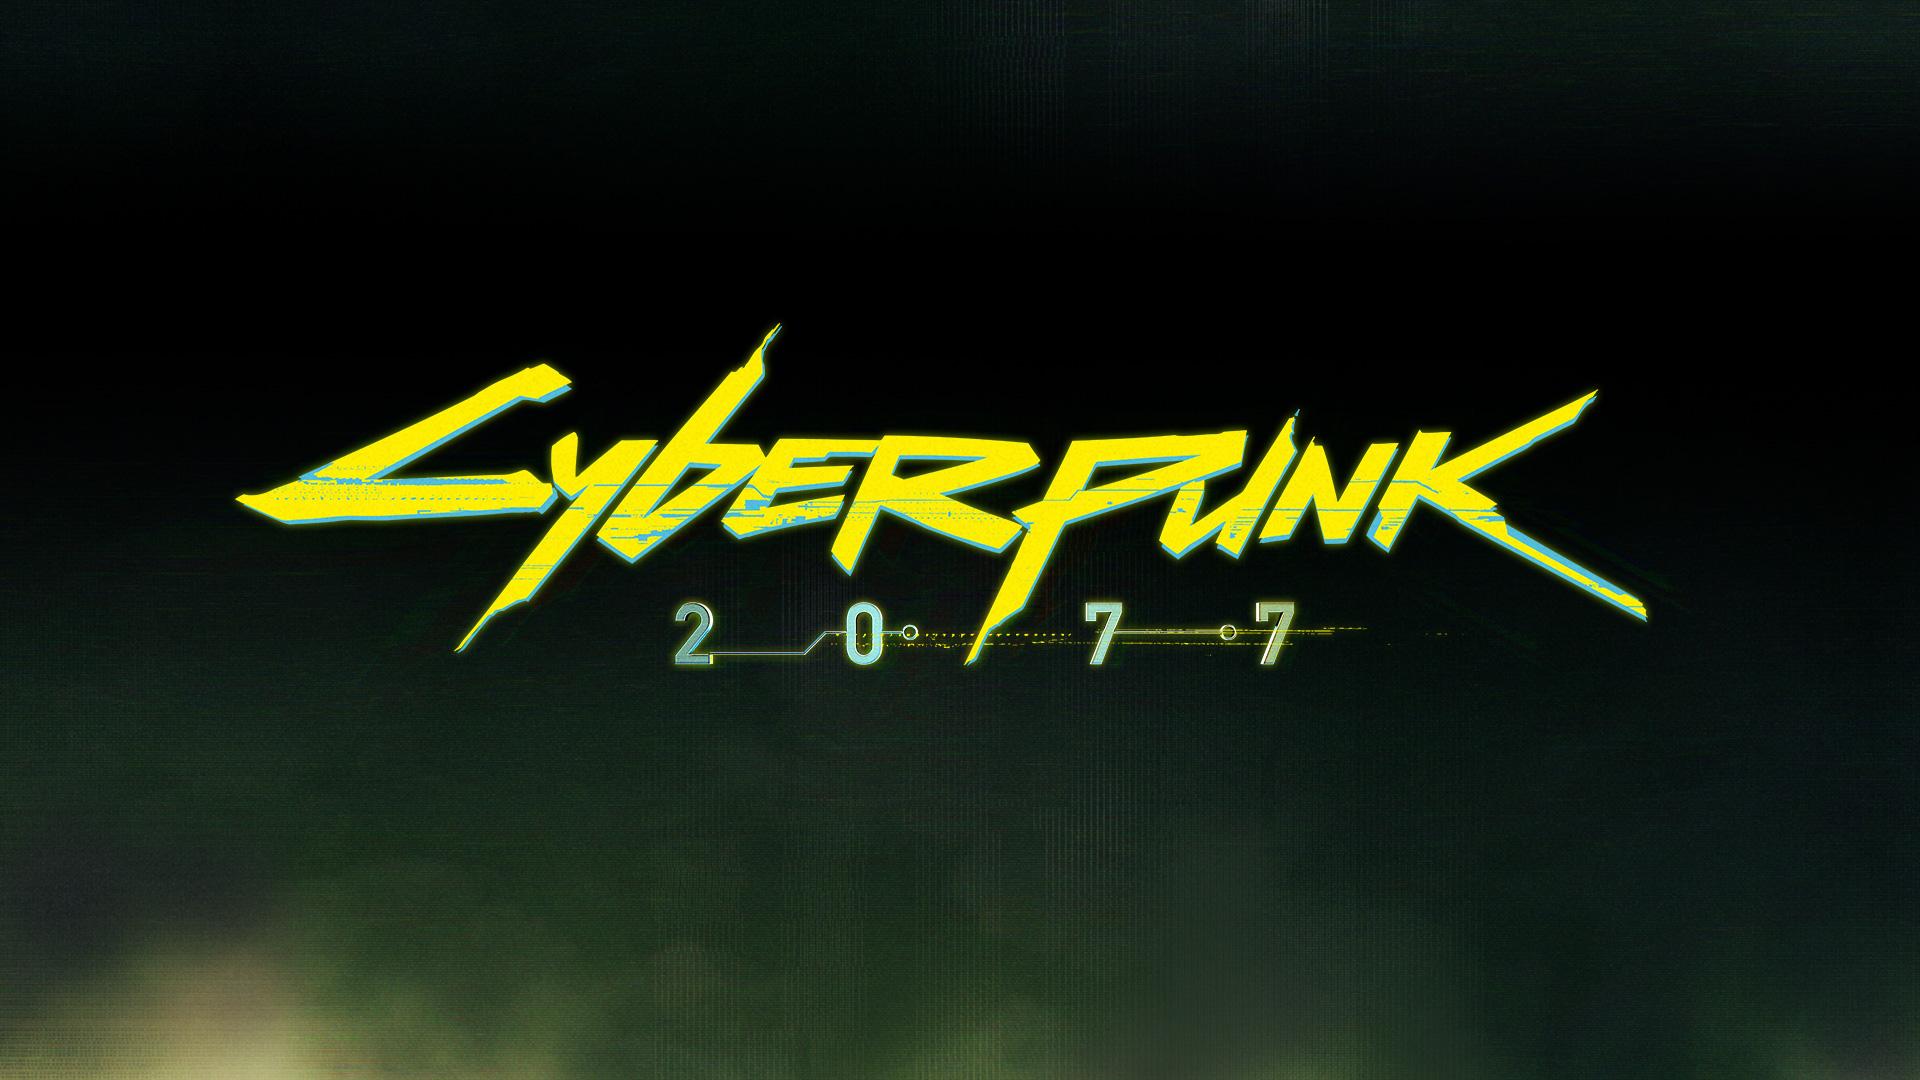 Саундтрек для Cyberpunk 2077 делает бывший барабанщик Guns N'Roses